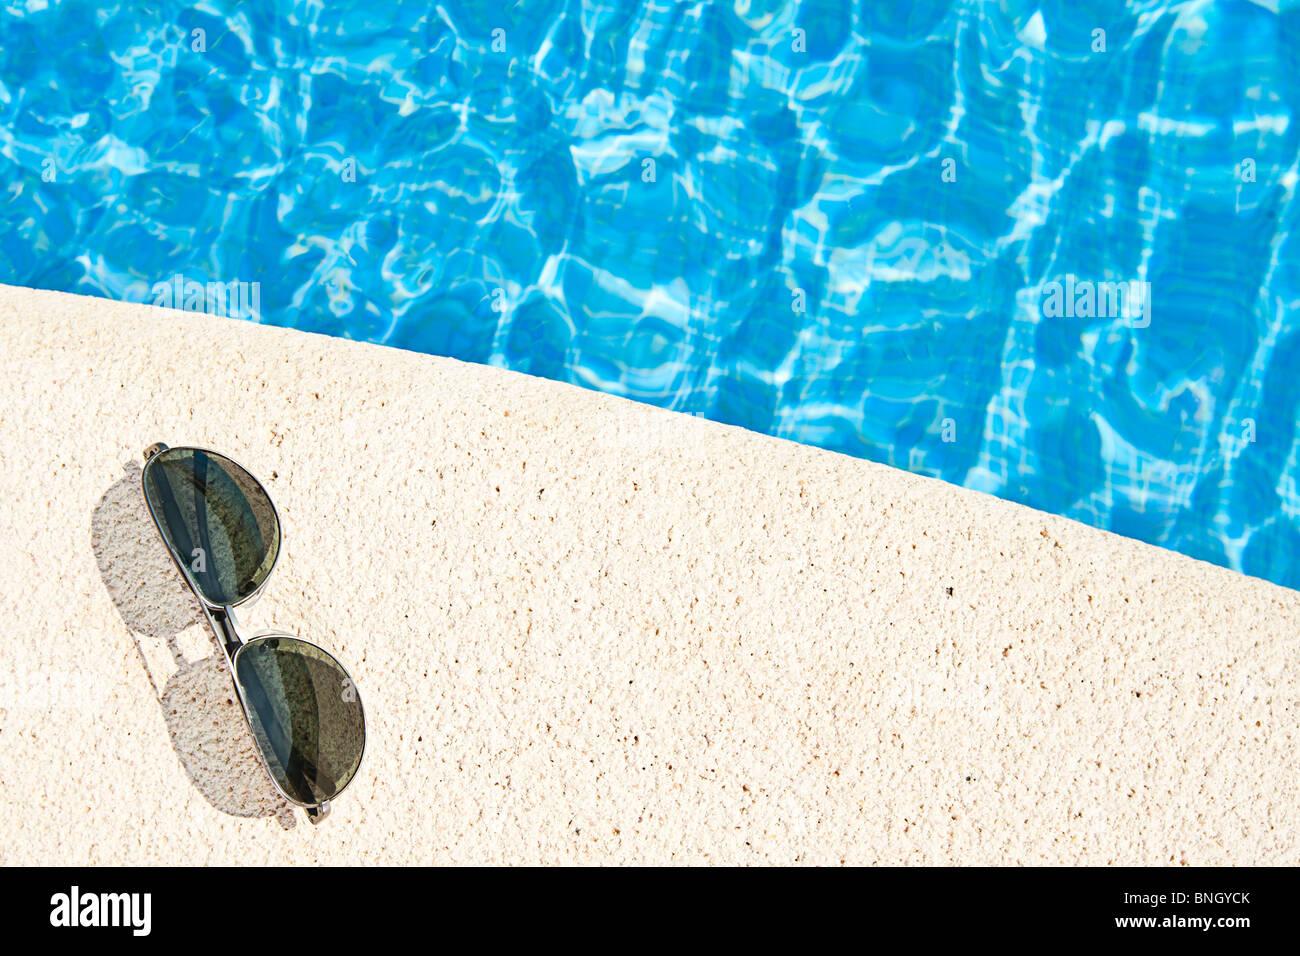 Disparo de gafas de sol junto a la piscina Imagen De Stock